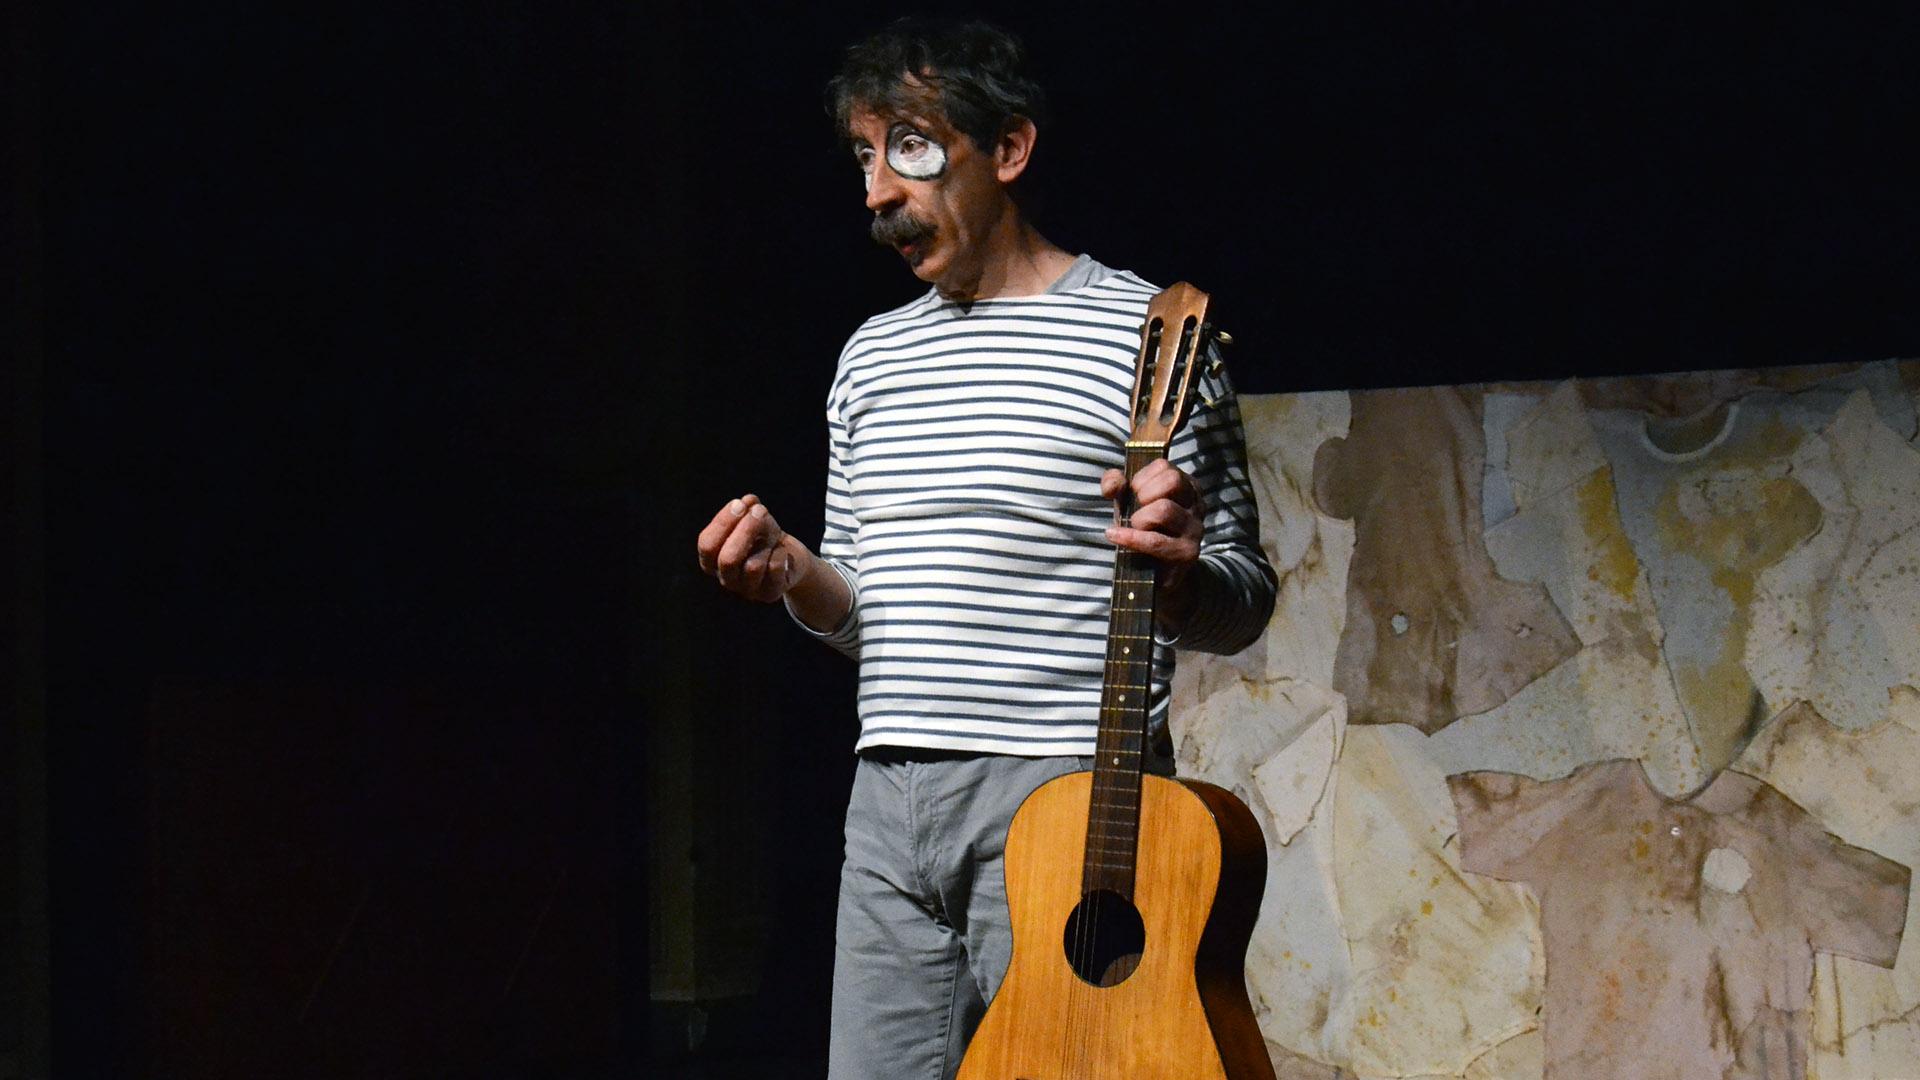 Roberto Abbiati - foto di Daniele Laorenza